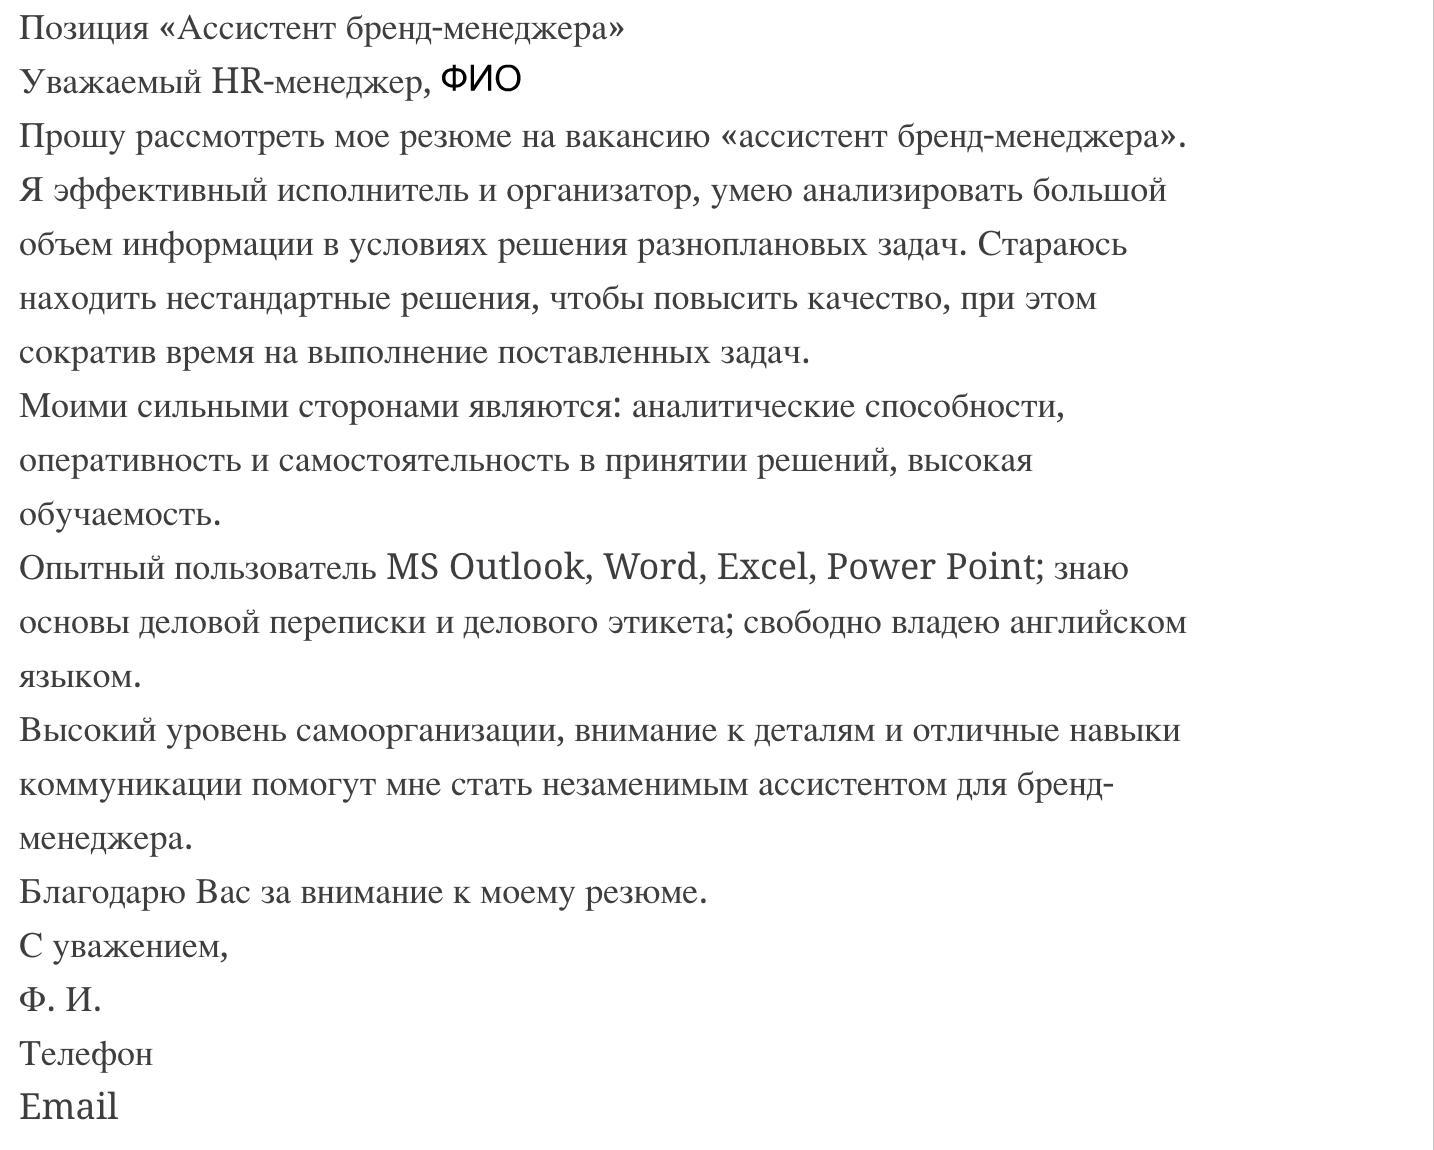 Благодарю военное письмо инструктору по труду